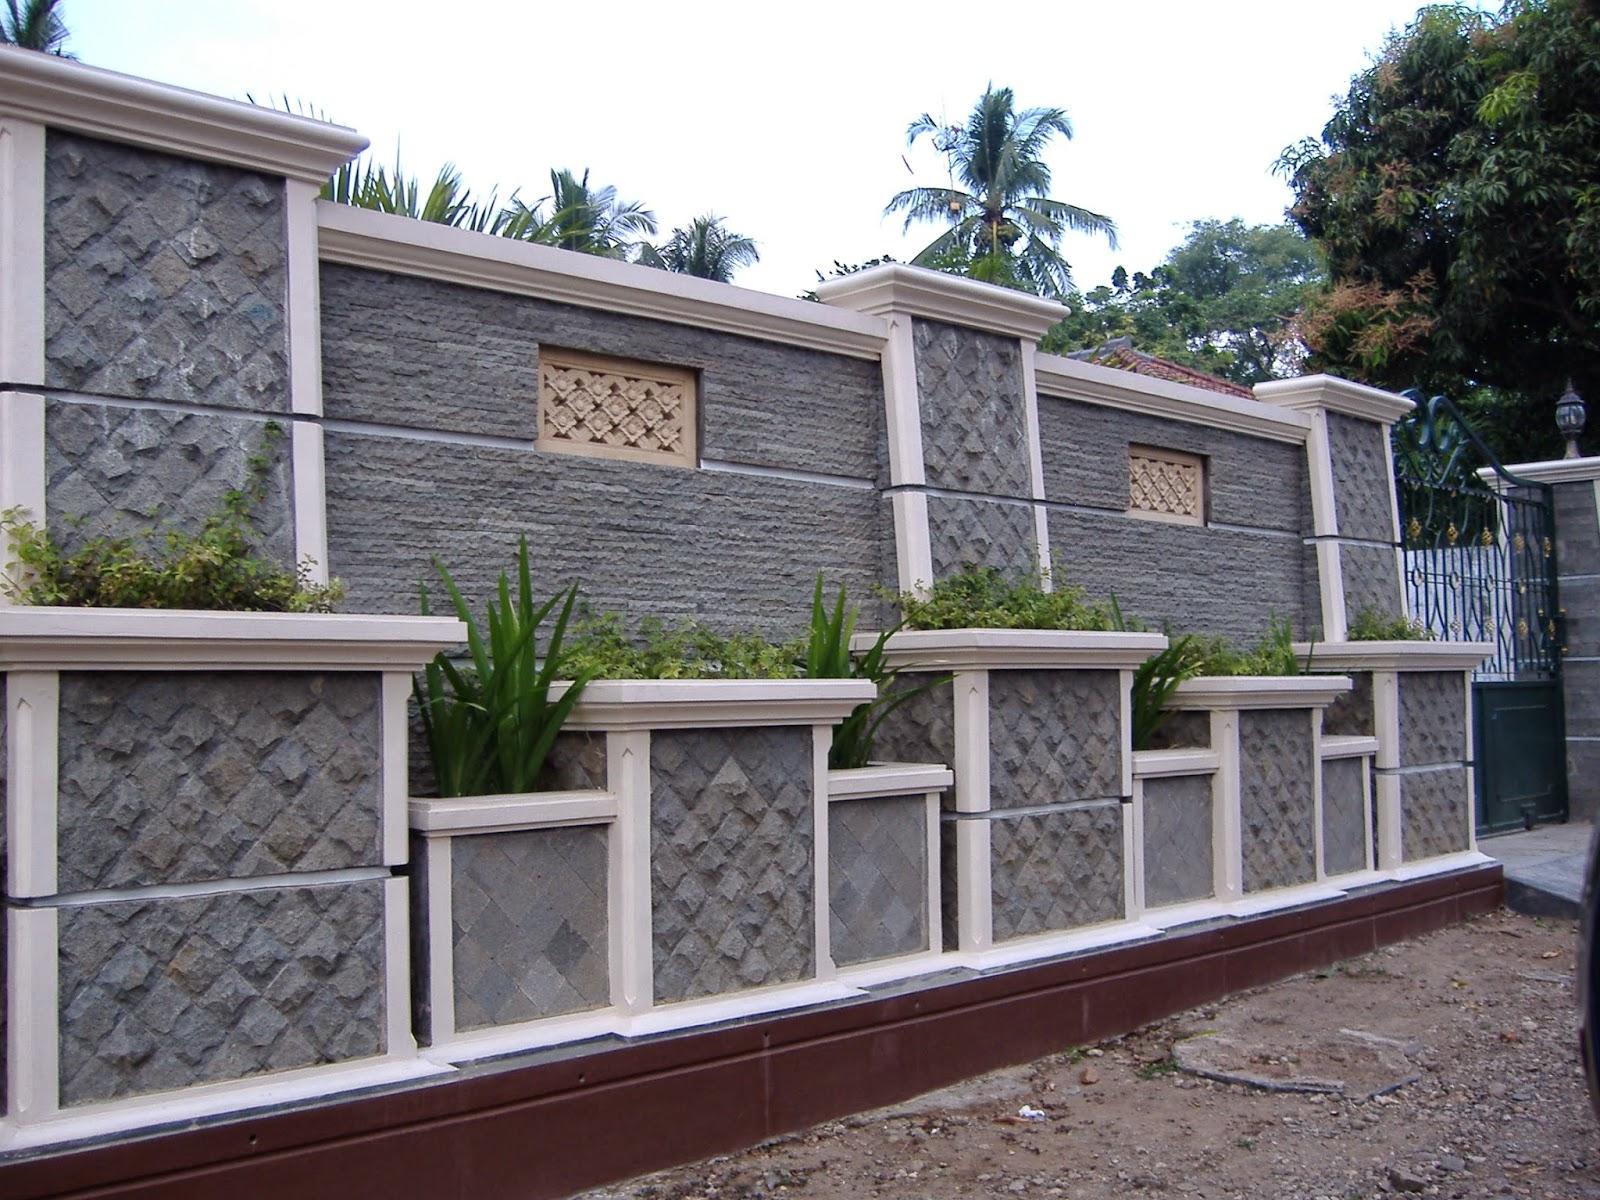 Desain Pagar Rumah Dari Batu Alam Rumah Minimalis